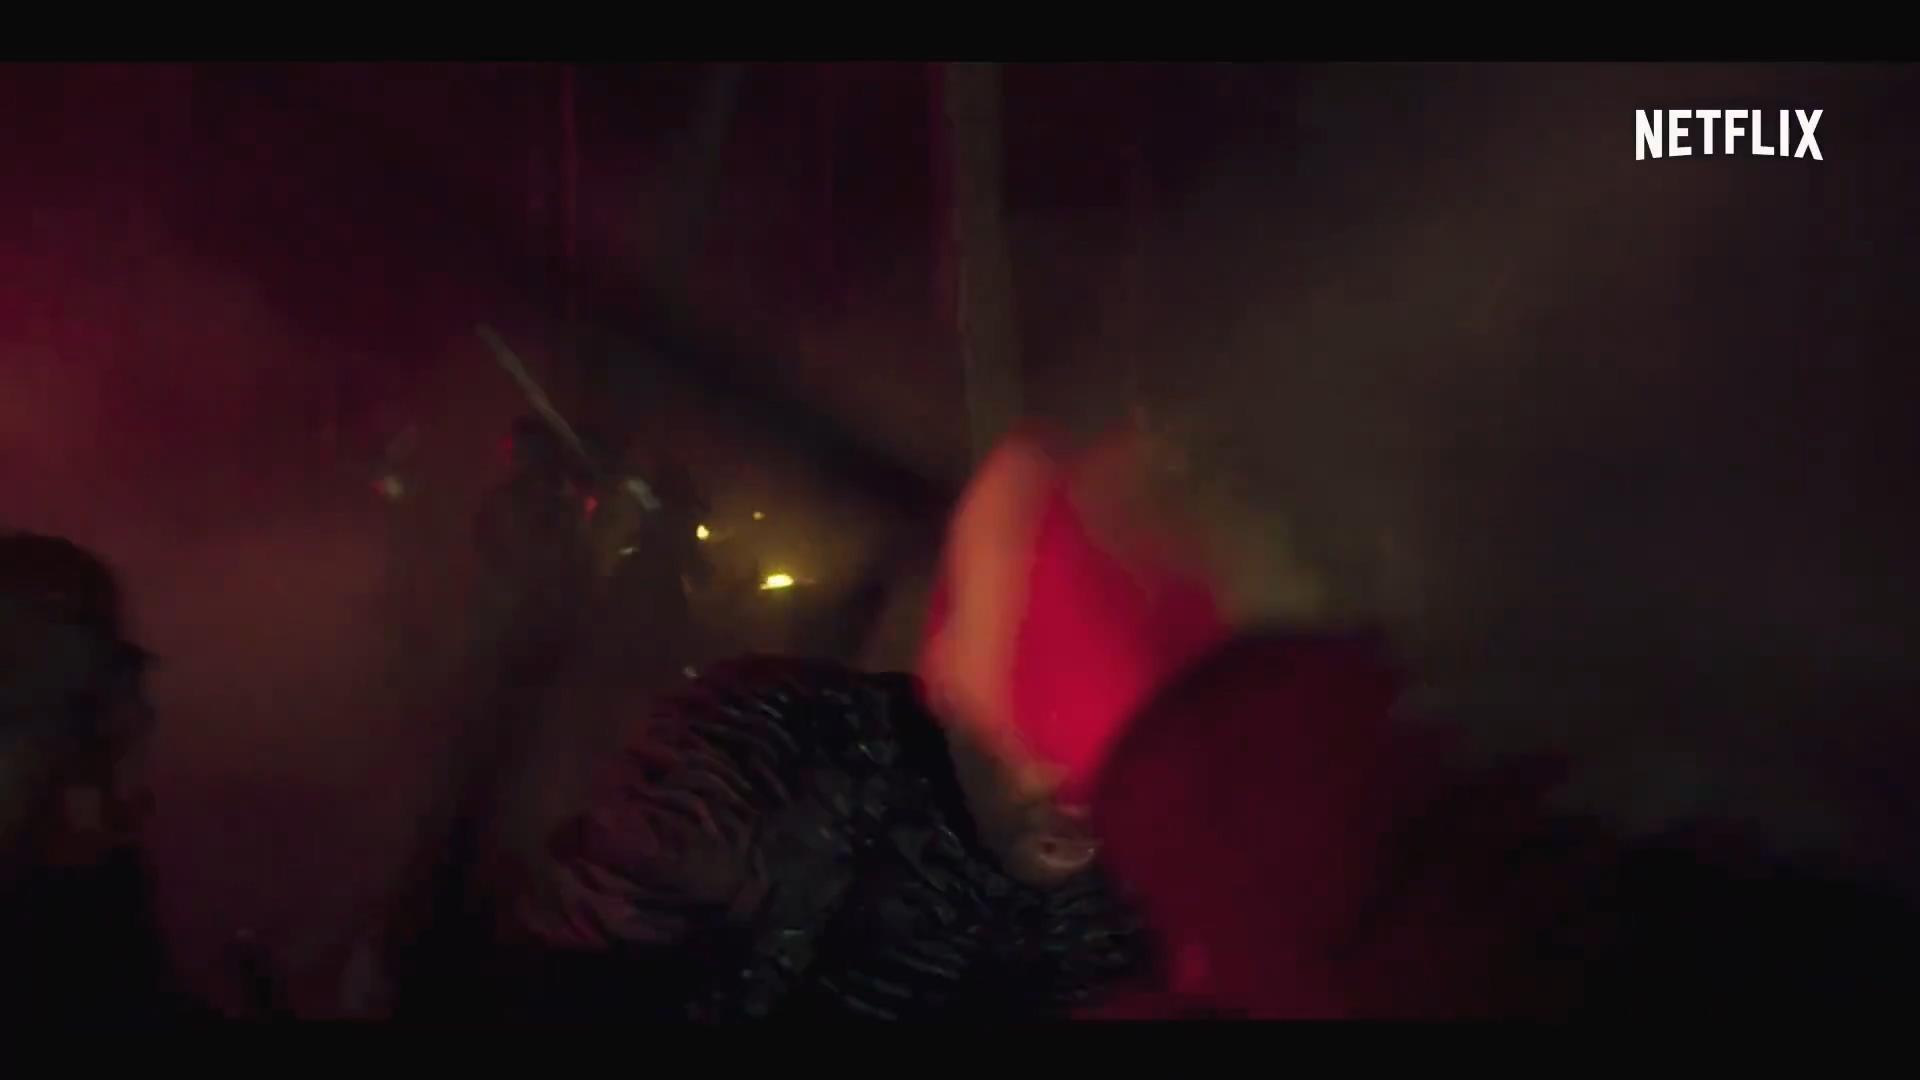 《巫师》电视剧圣诞特辑 杰洛特大开杀戒之旅